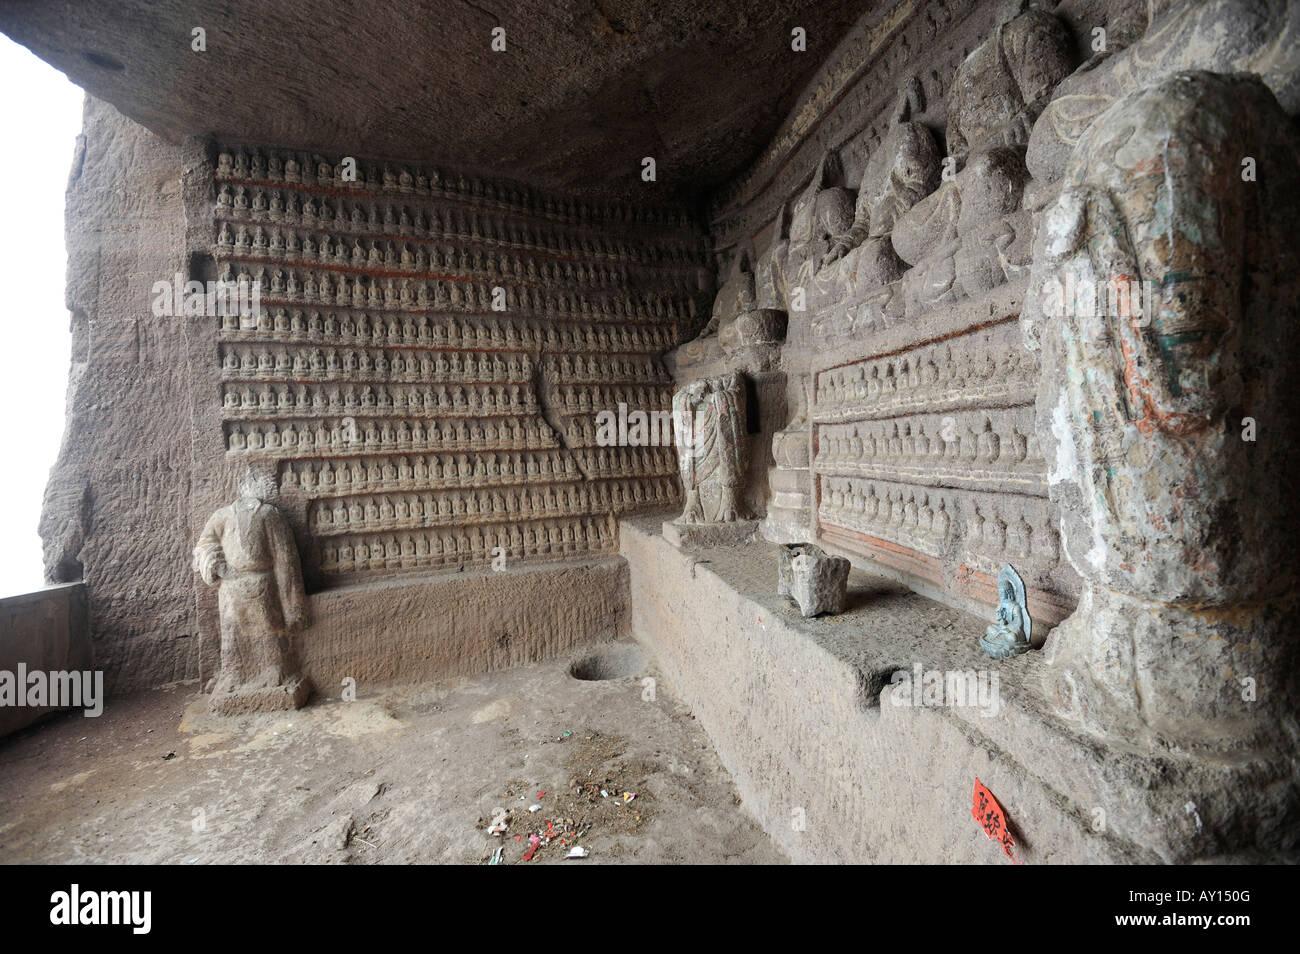 Tutti a sinistra senza capi, antichi migliaia di immagini di Buddha sono state danneggiate durante la Rivoluzione Immagini Stock